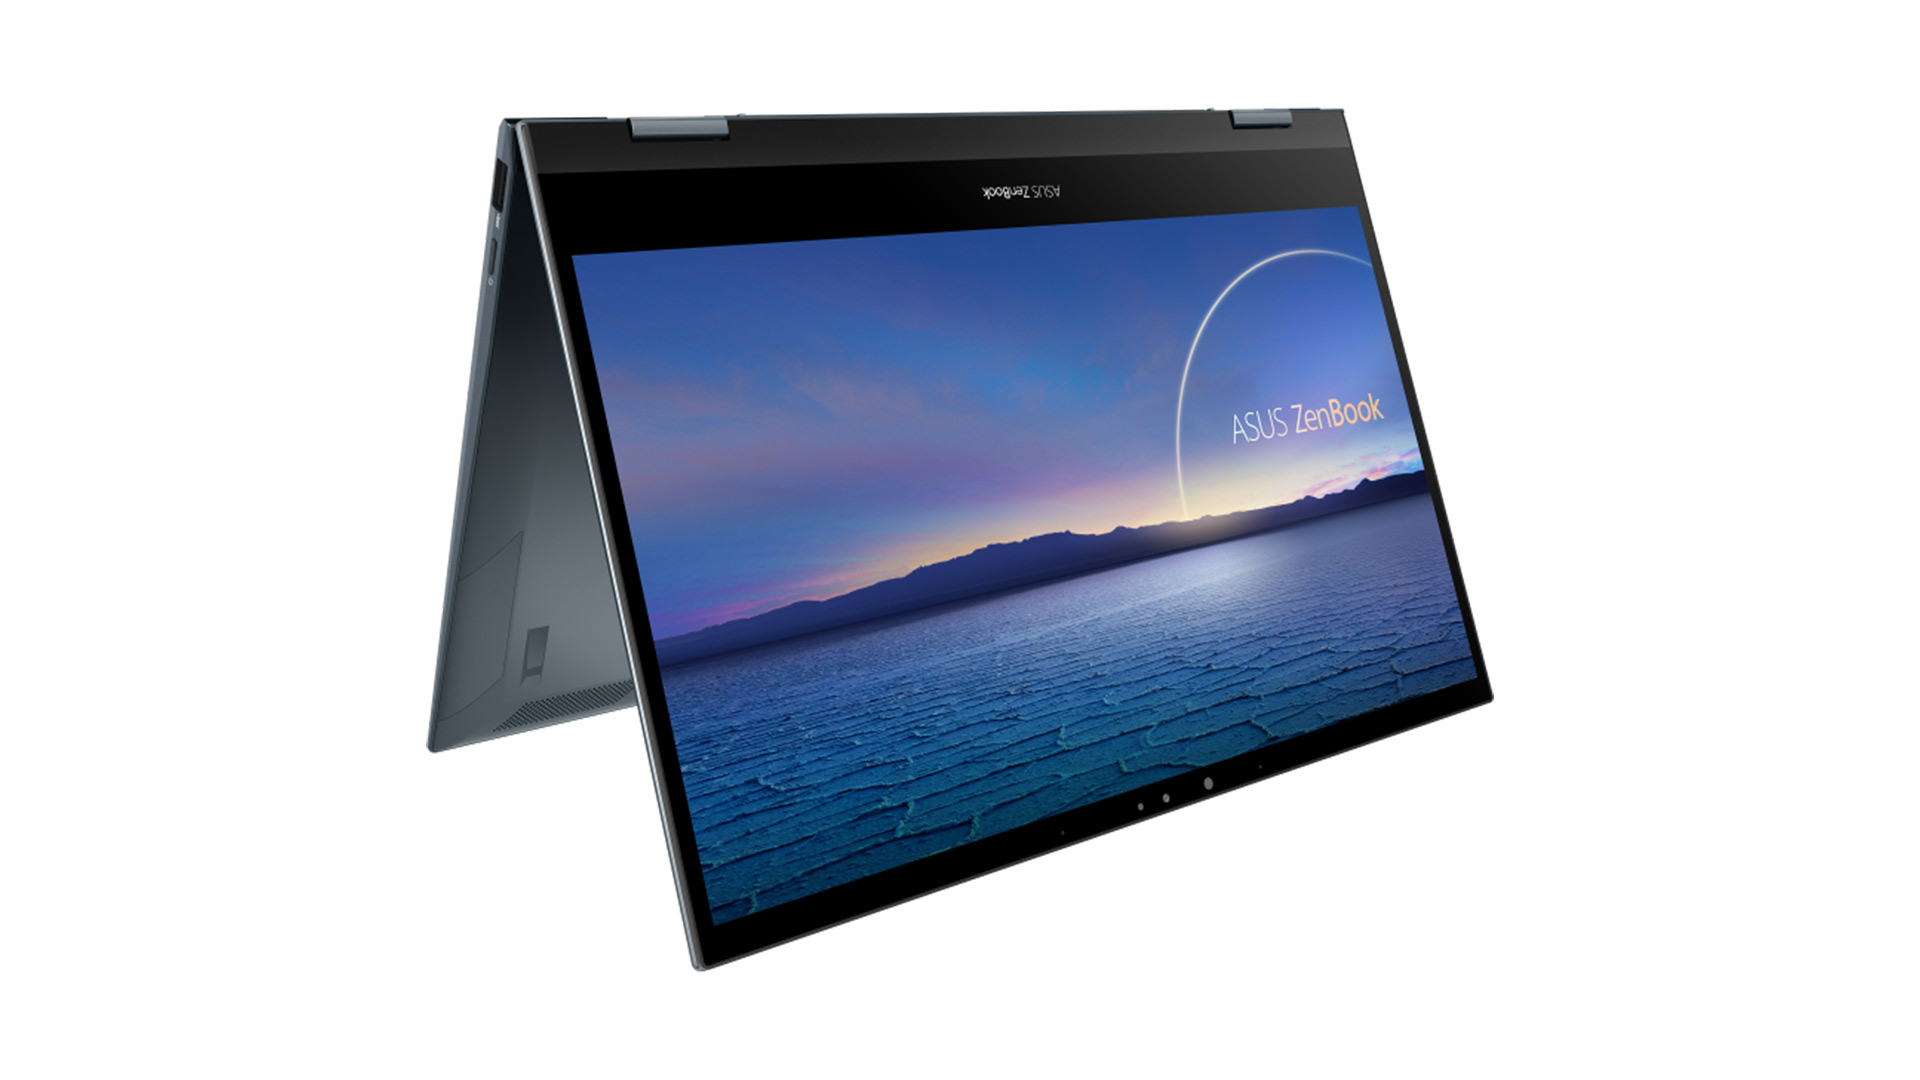 Asus ZenBook Flip 13 2-in-1 laptop